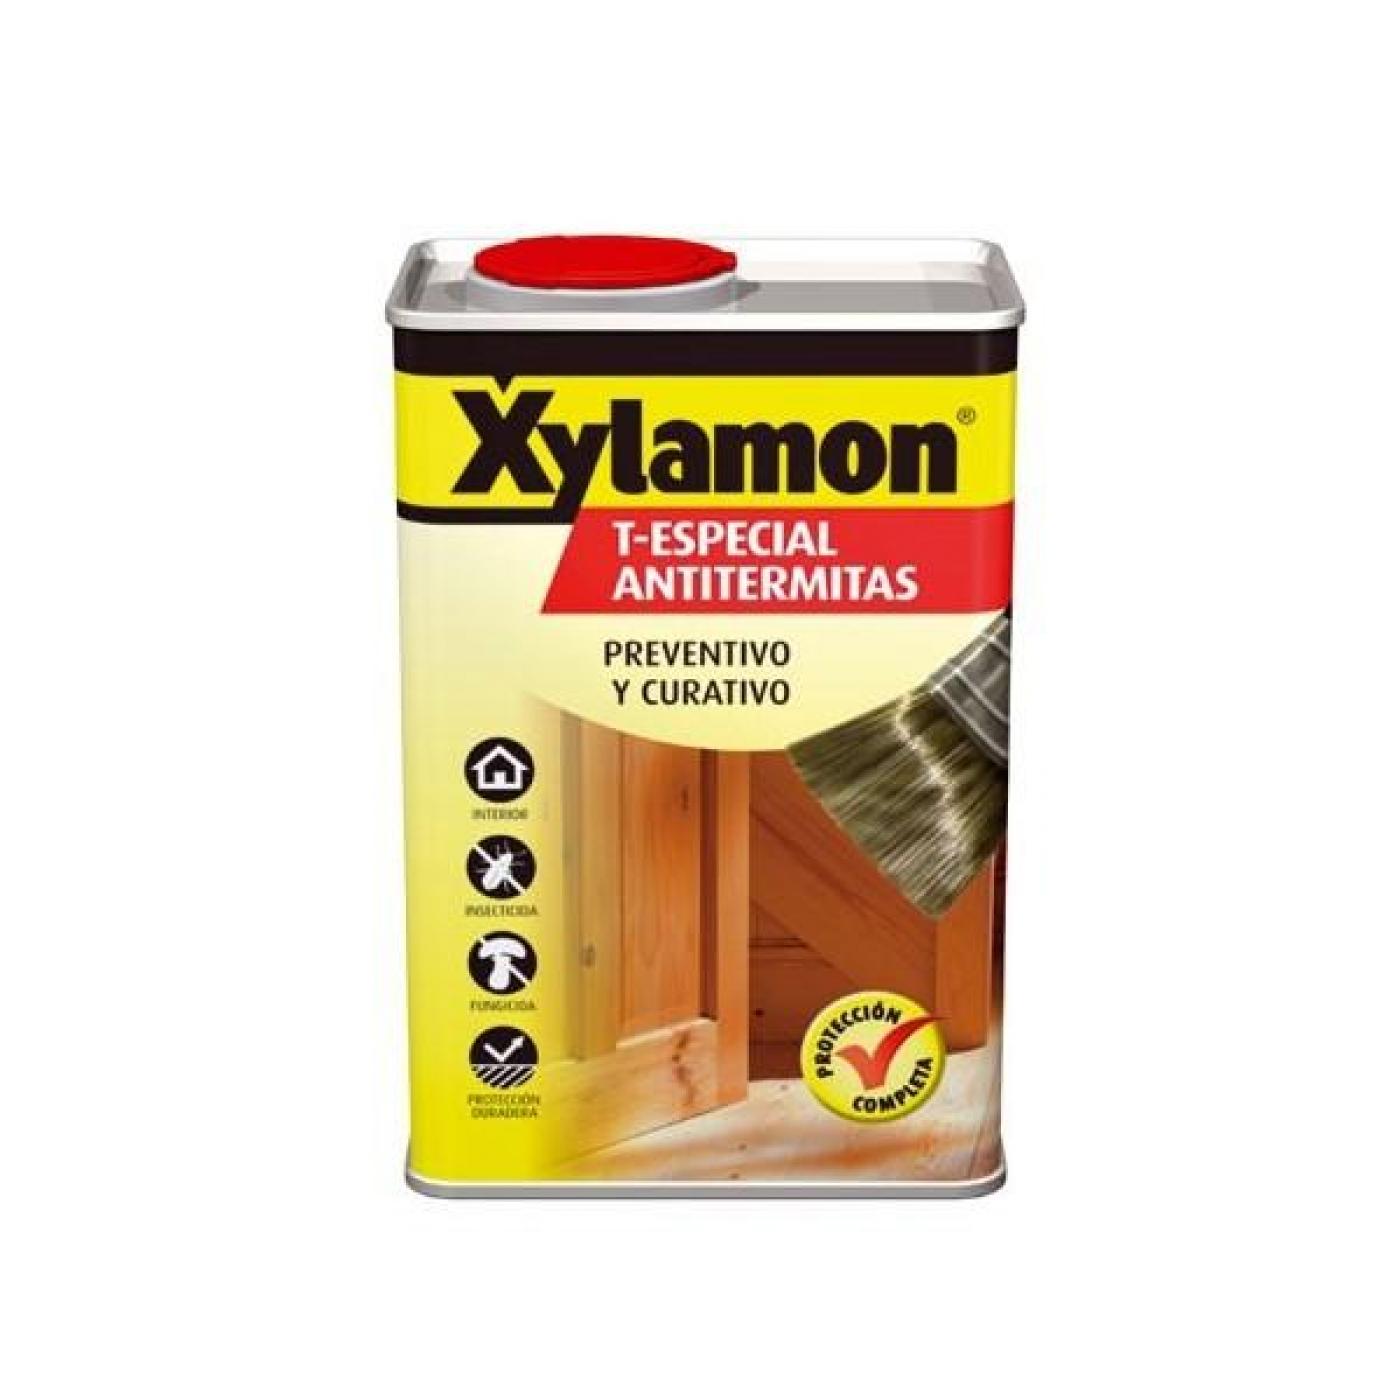 tratamiento especial anti termitas t especial xylamon por